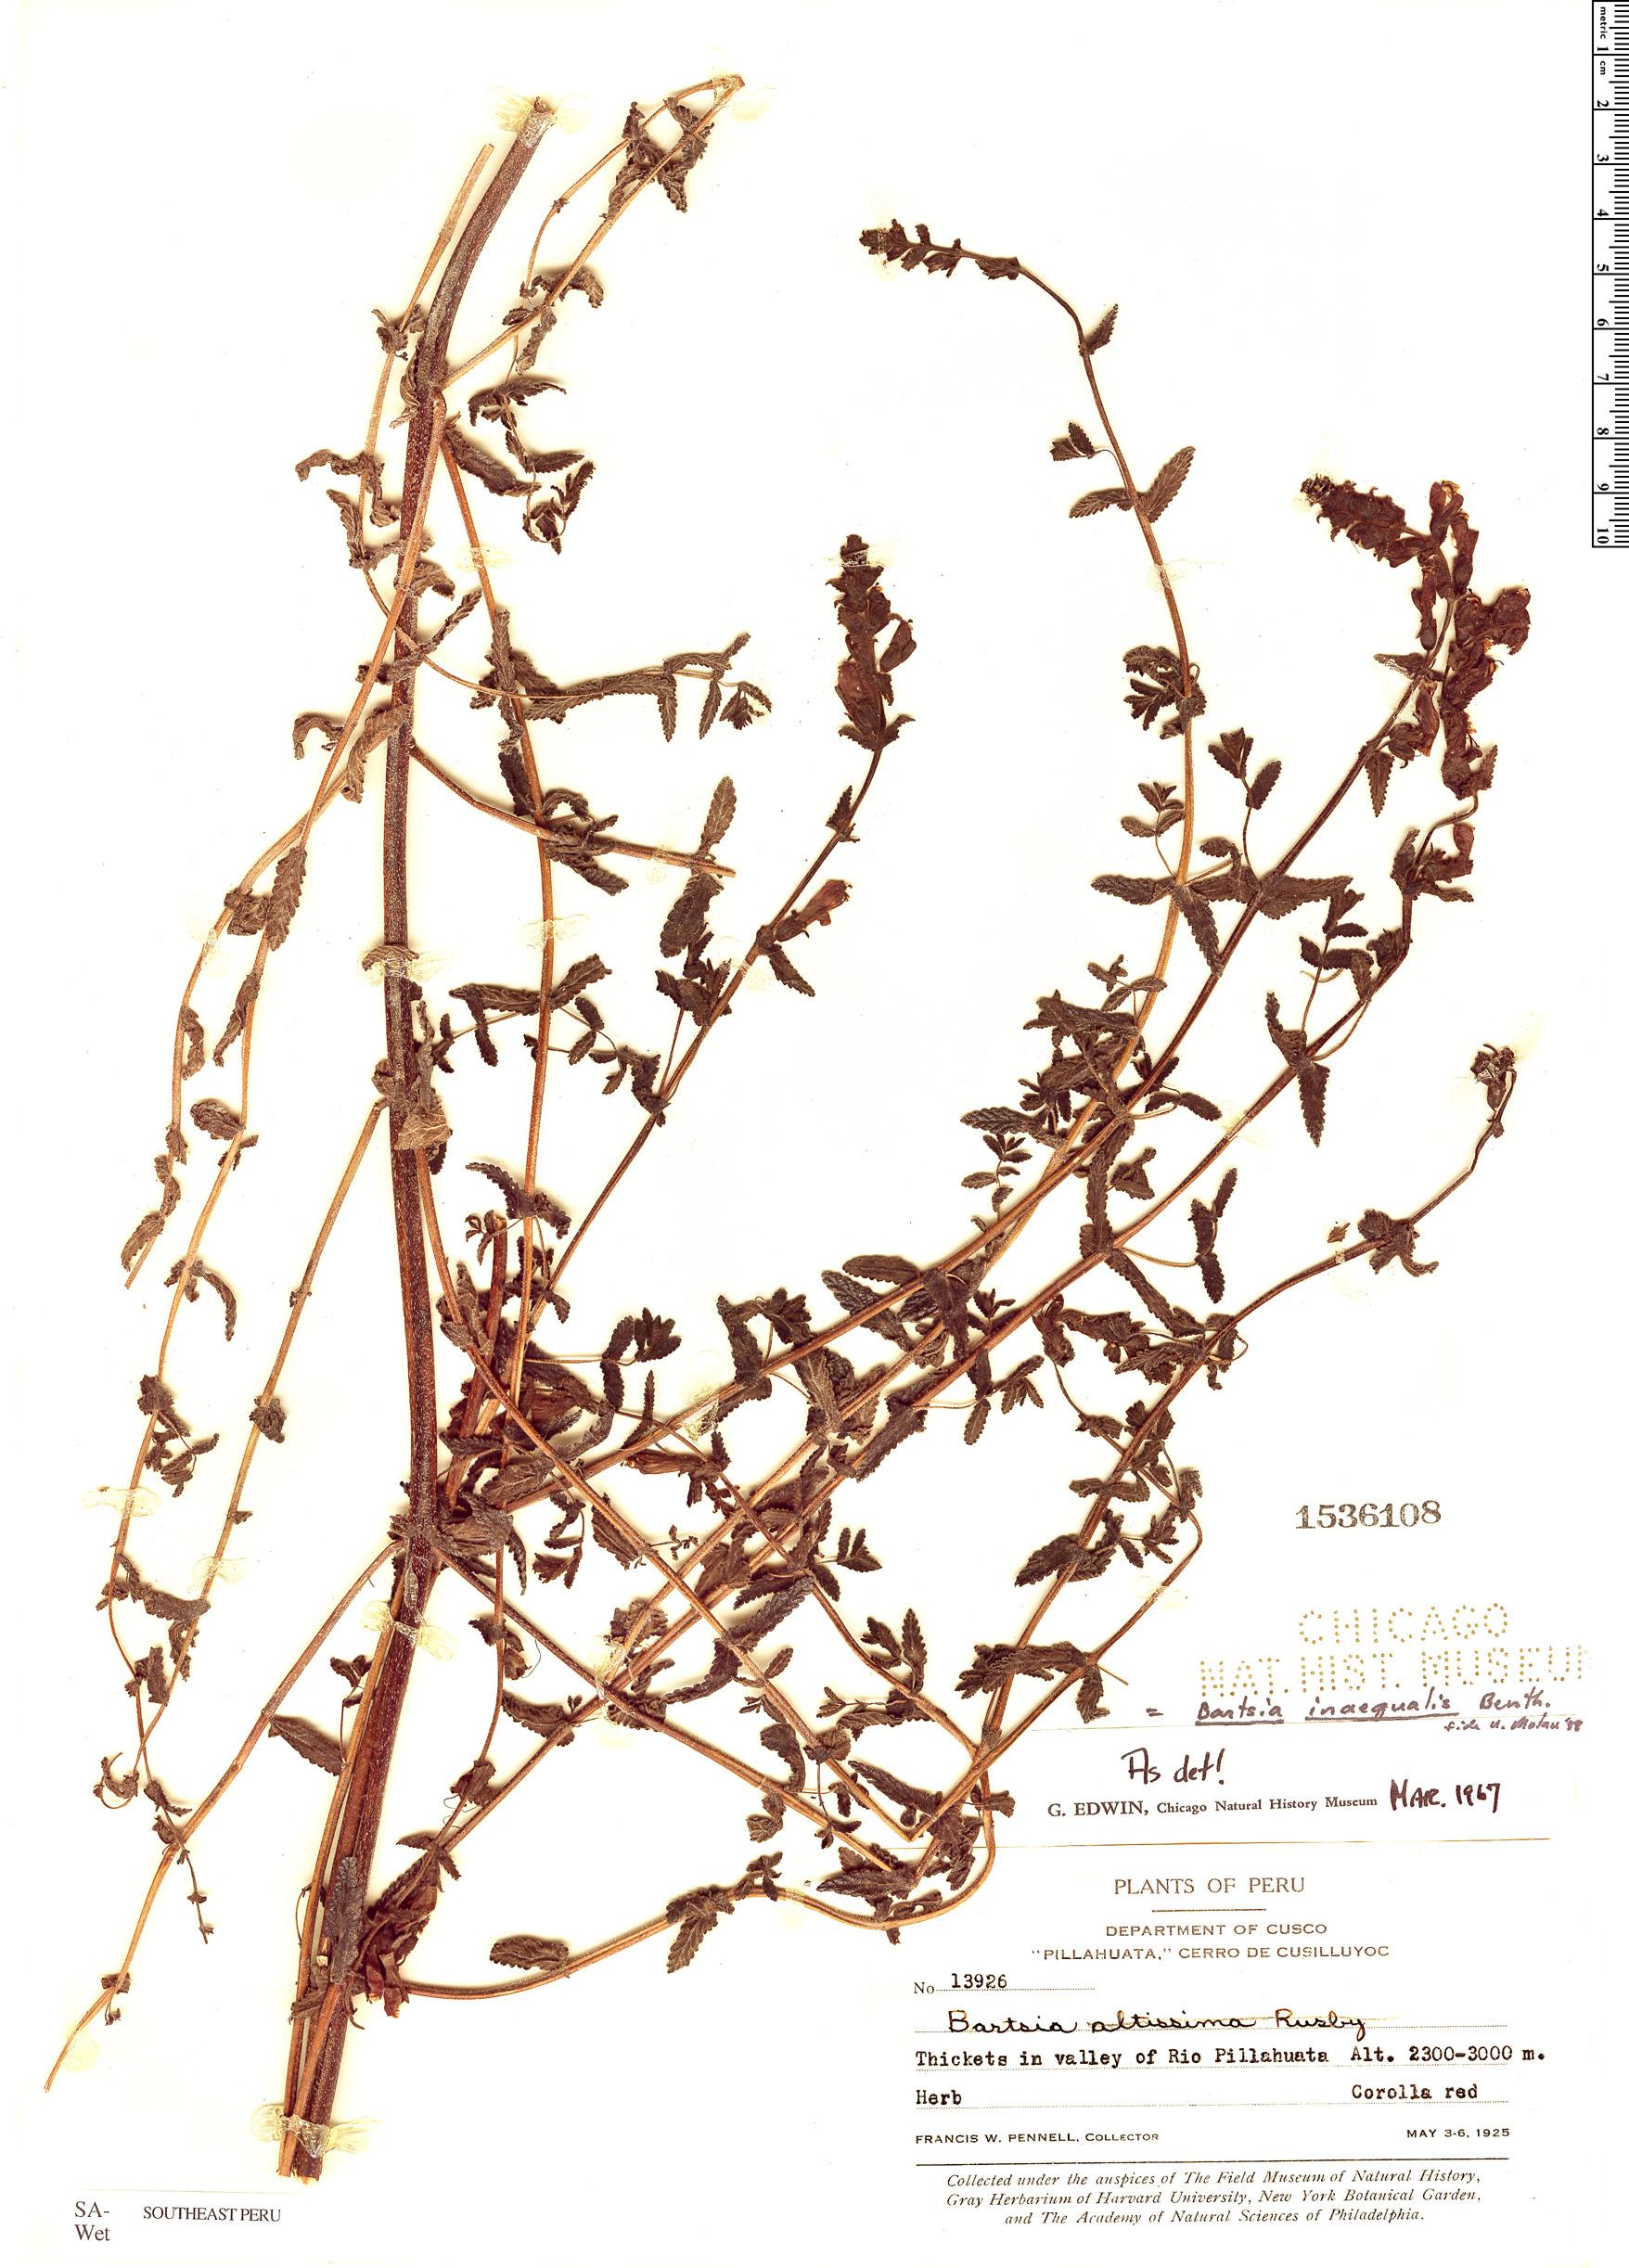 Specimen: Bartsia inaequalis